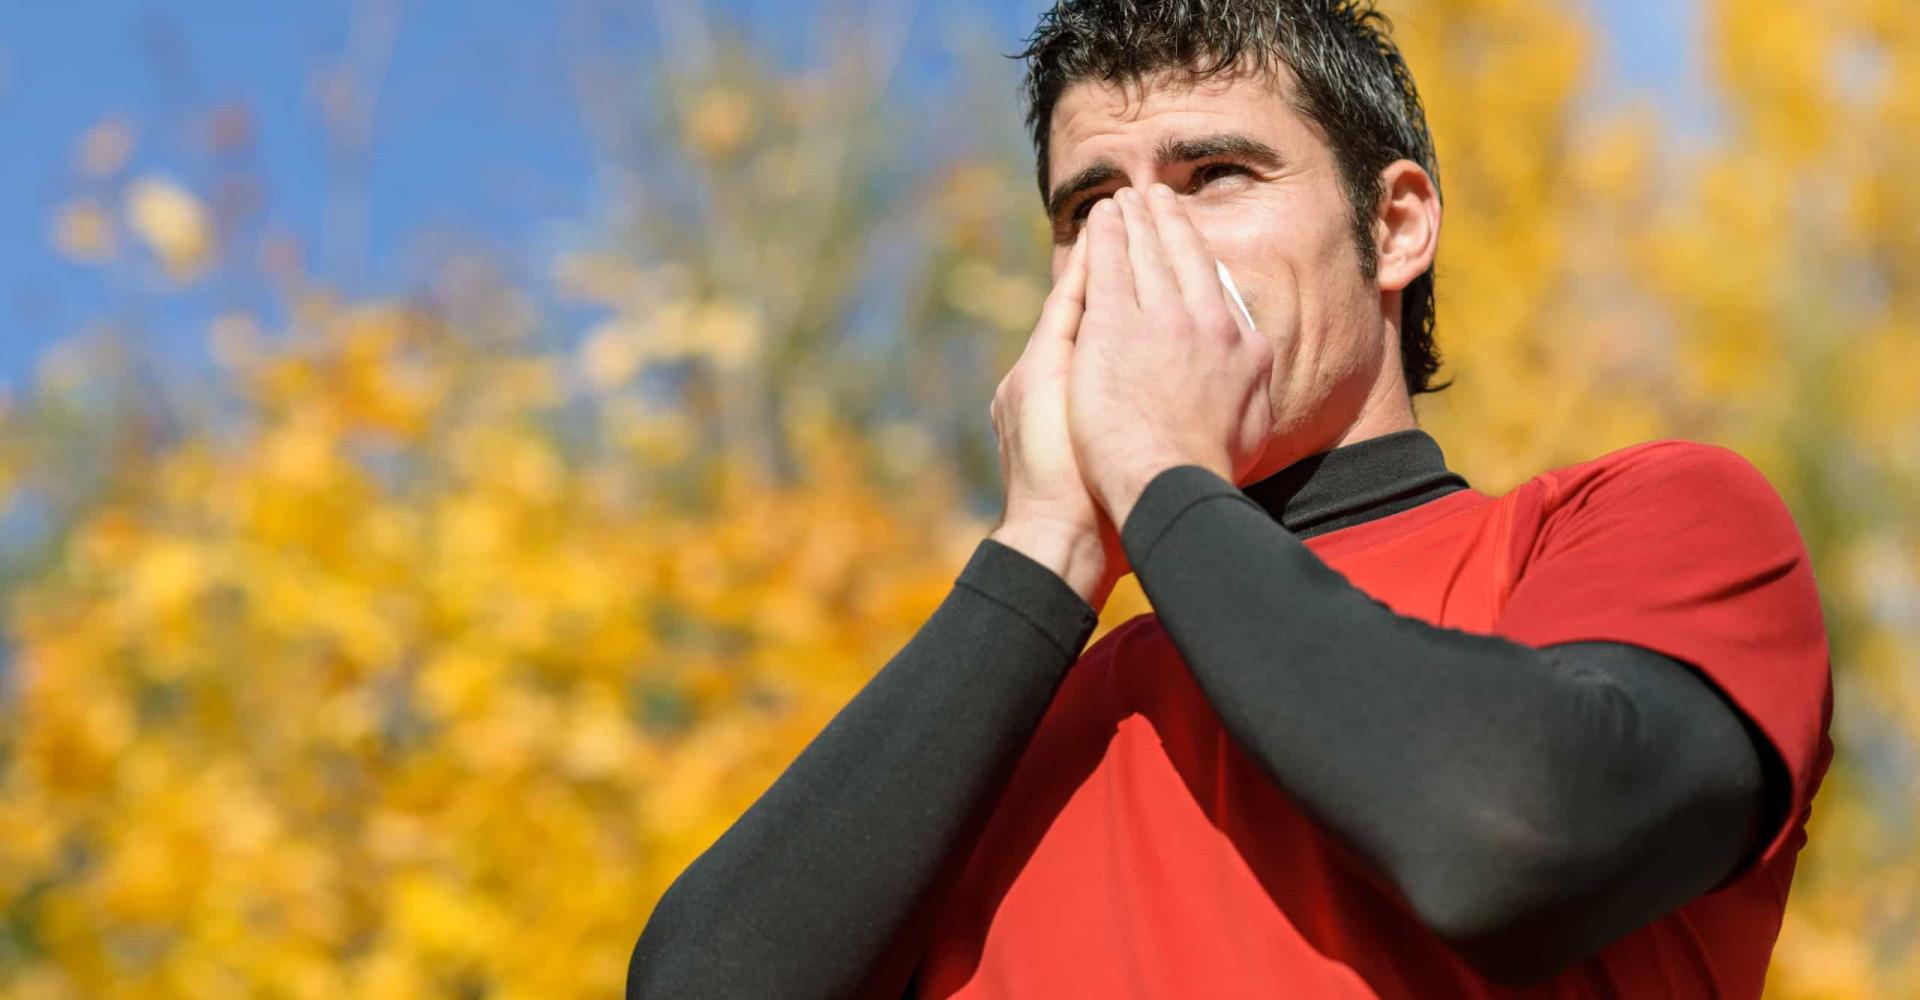 Is het verstandig om te sporten als je verkouden bent?